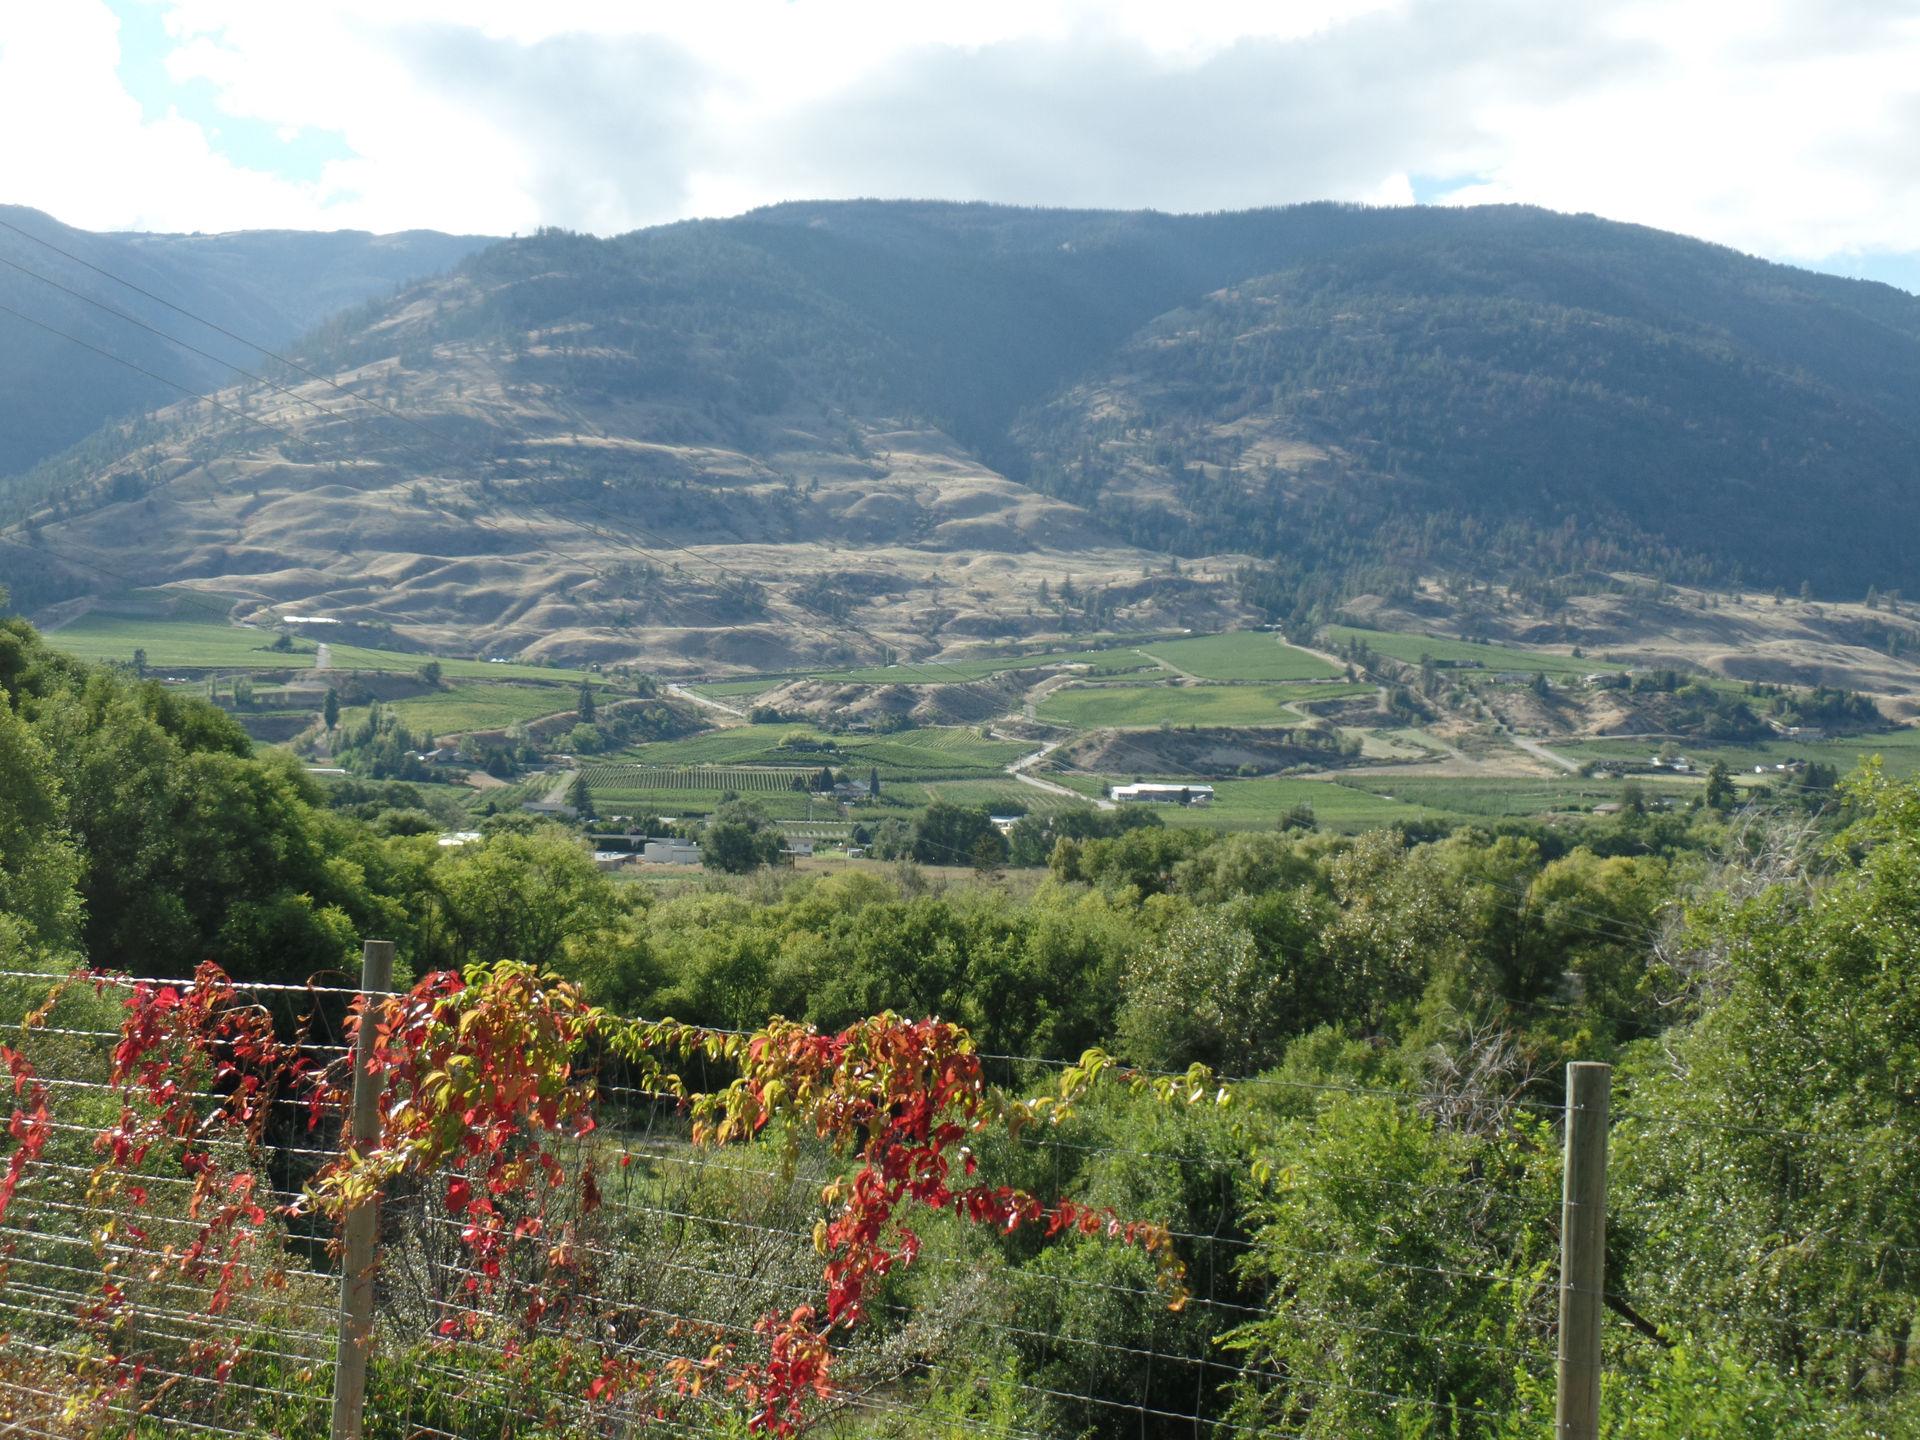 South Okanagan Valley